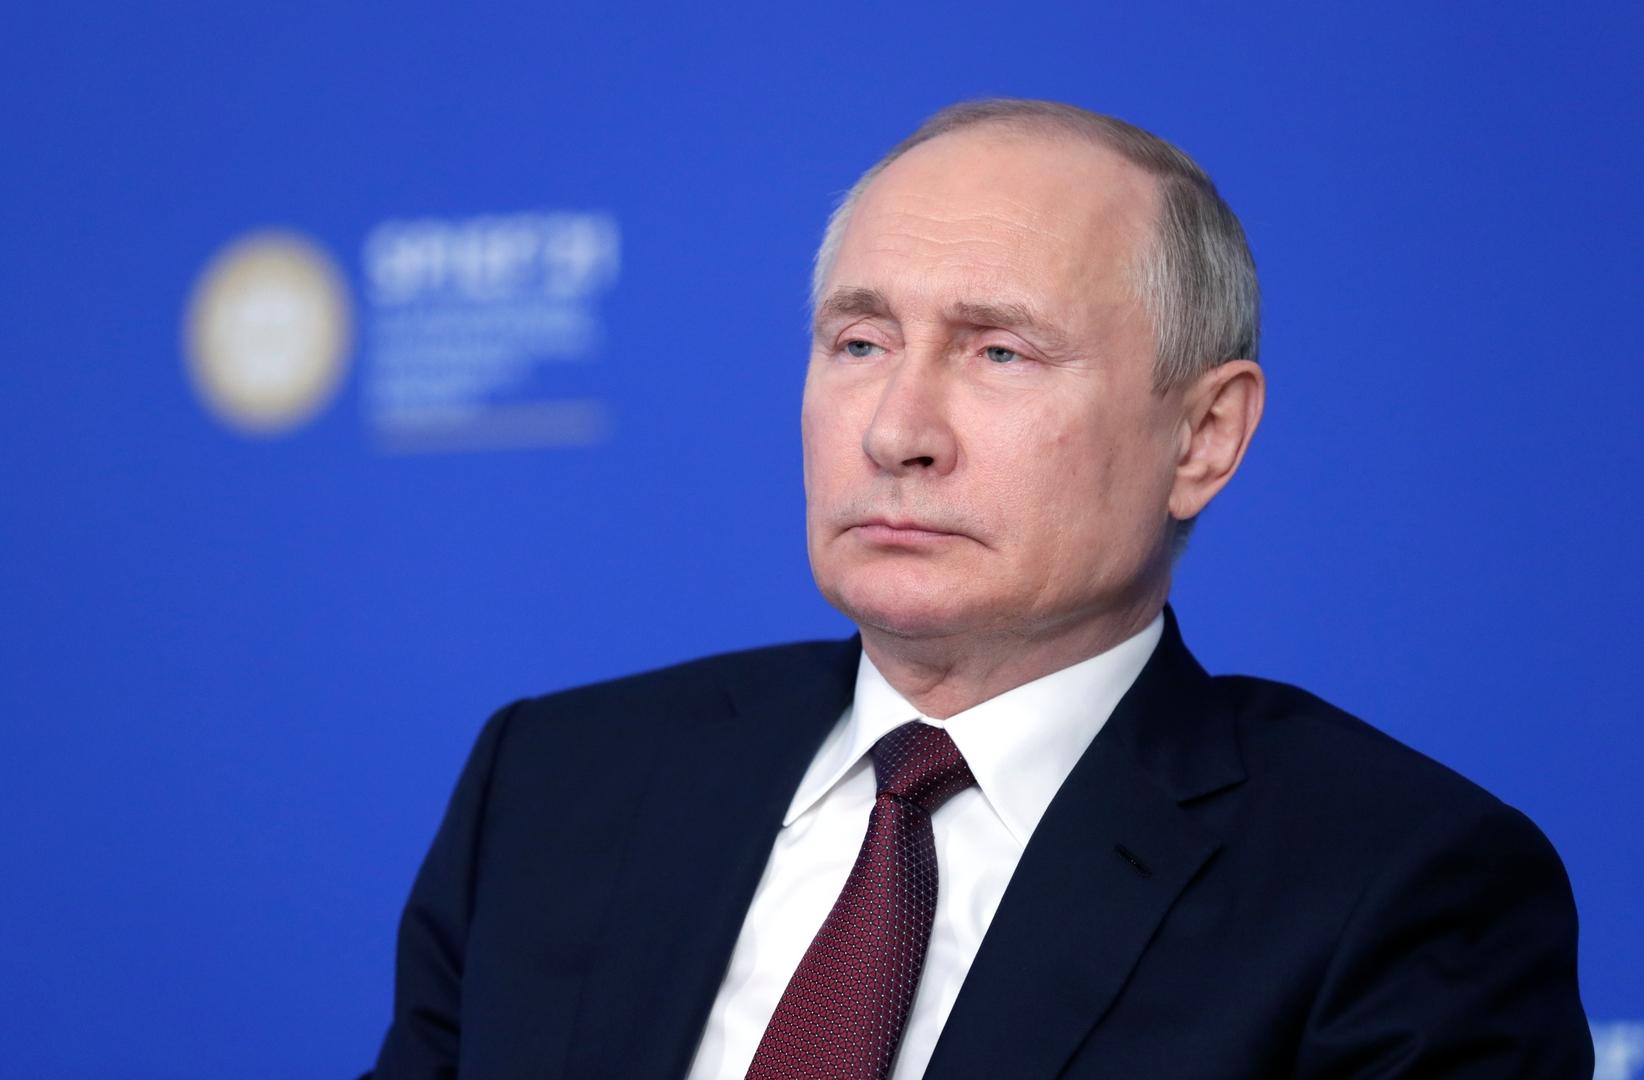 بوتين: روسيا مستعدة للإسهام في حل النزاع بالشرق الأوسط والمصالحة بين الفلسطينيين عامل مهم